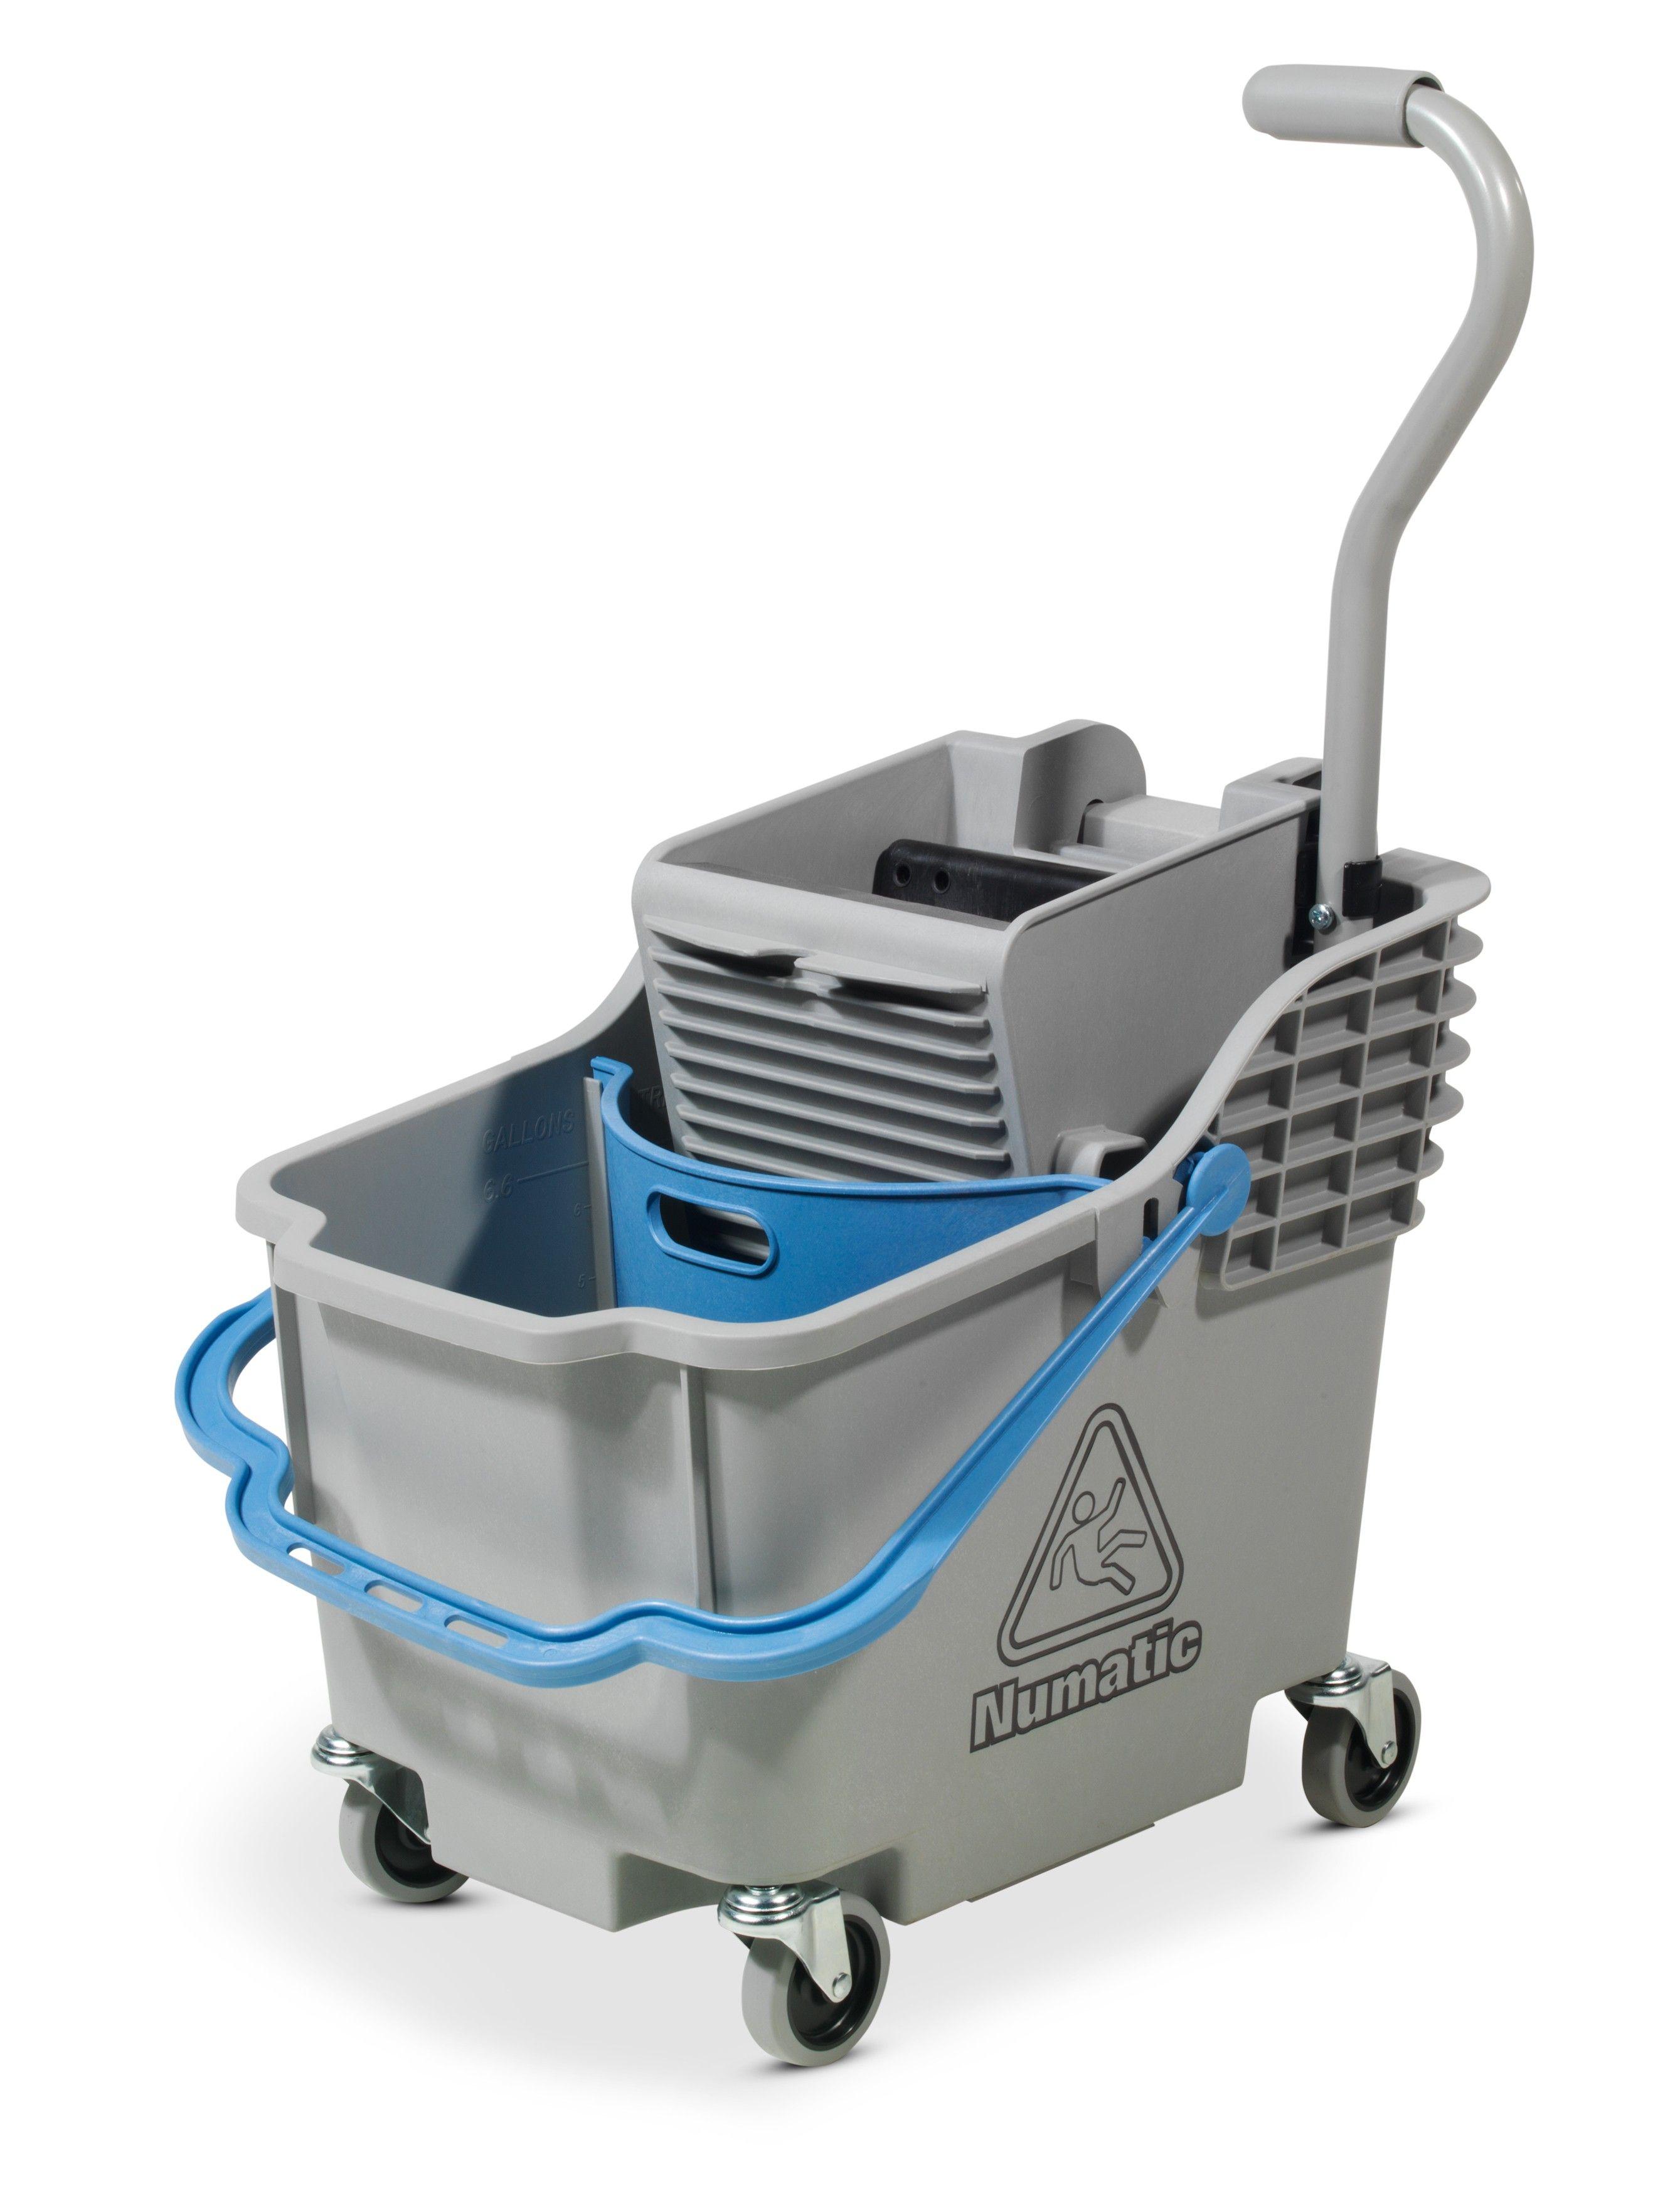 Rolemmer HB 1812 grijs met blauwe hendel